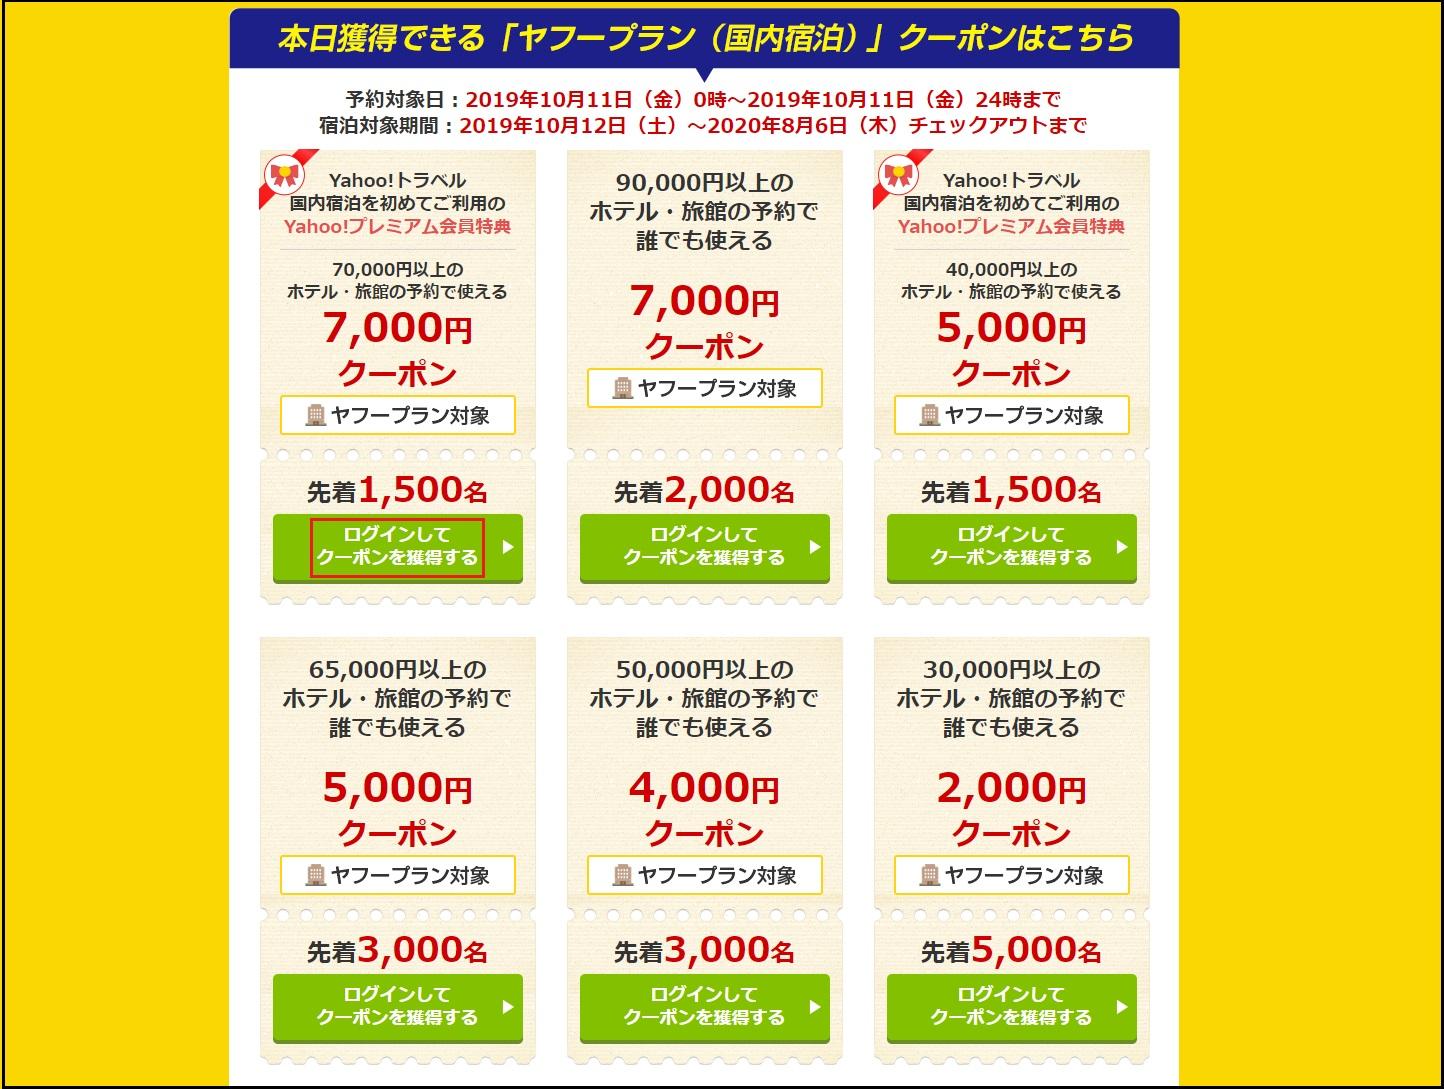 ヤフートラベルのキャンペーンページ